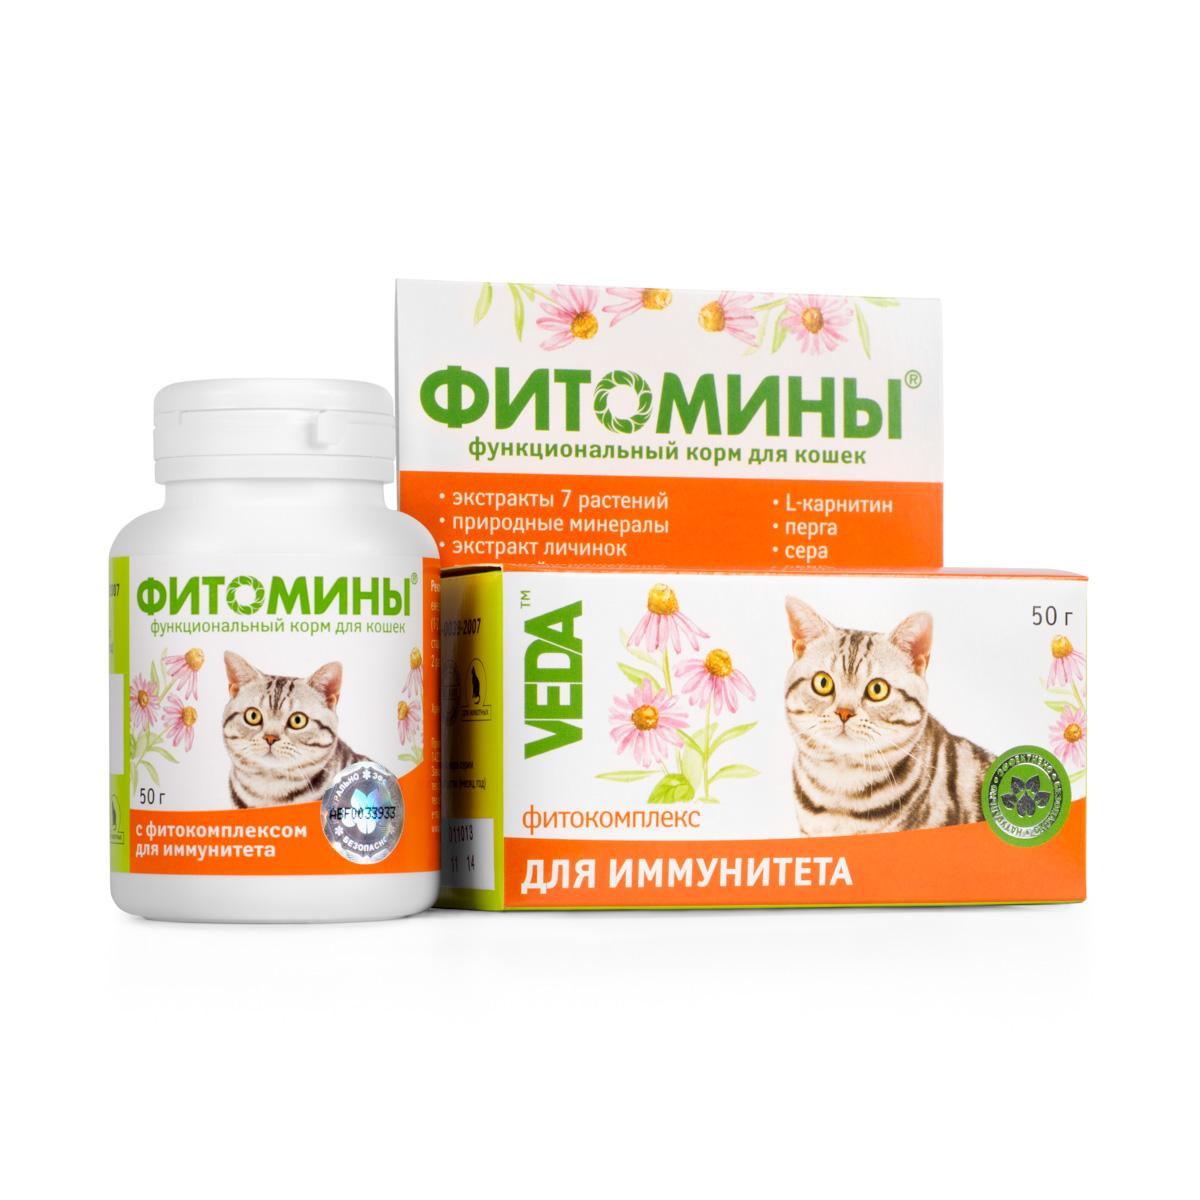 Корм для кошек VEDA Фитомины. Гематокэт, функциональный, с фитокомплексом, для иммунитета, 50 г4605543005930Корм функциональный для кошек VEDA Фитомины с фитокомплексом для иммунитета повышает сопротивляемость организма, мобилизуя иммунную систему, ускоряет восстановительные процессы.Рекомендуется включать в рацион при некорректной работе иммунитета:- ослабленным и истощенным животным, - для адаптации к стрессовым ситуациям, - при неблагоприятном воздействии окружающей среды.Состав: лактоза; крахмал; дрожжи пивные; фитокомплекс: корней и корневищ солодки, травы эхинацеи пурпурной, плодов шиповника, корней и корневищ девясила, травы череды, листьев крапивы двудомной, листьев подорожника большого; природный минеральный комплекс; паровая рыбная мука; экстракт личинок восковой моли, перги; стеарат кальция; L- карнитин; таурин; сера. В 100 г продукта содержится (не менее): углеводы - 90 г; жиры - 0,4 г; белки – 3,5 г; кальций - 600 мг; фосфор - 360 мг; железо - 15,0 мг; цинк - 4 мг; марганец - 0,1 мг; медь - 0,3 мг; L-карнитин - 0,5 г; таурин – 0,2 г; сера - 0,1 г.ц 0,1 мг, медь 0,3 мг, L-карнитин 0,5 г, таурин 0,2 г, сера 0,1 г.Энергетическая ценность в 100 г: 380 ккал.Товар сертифицирован.